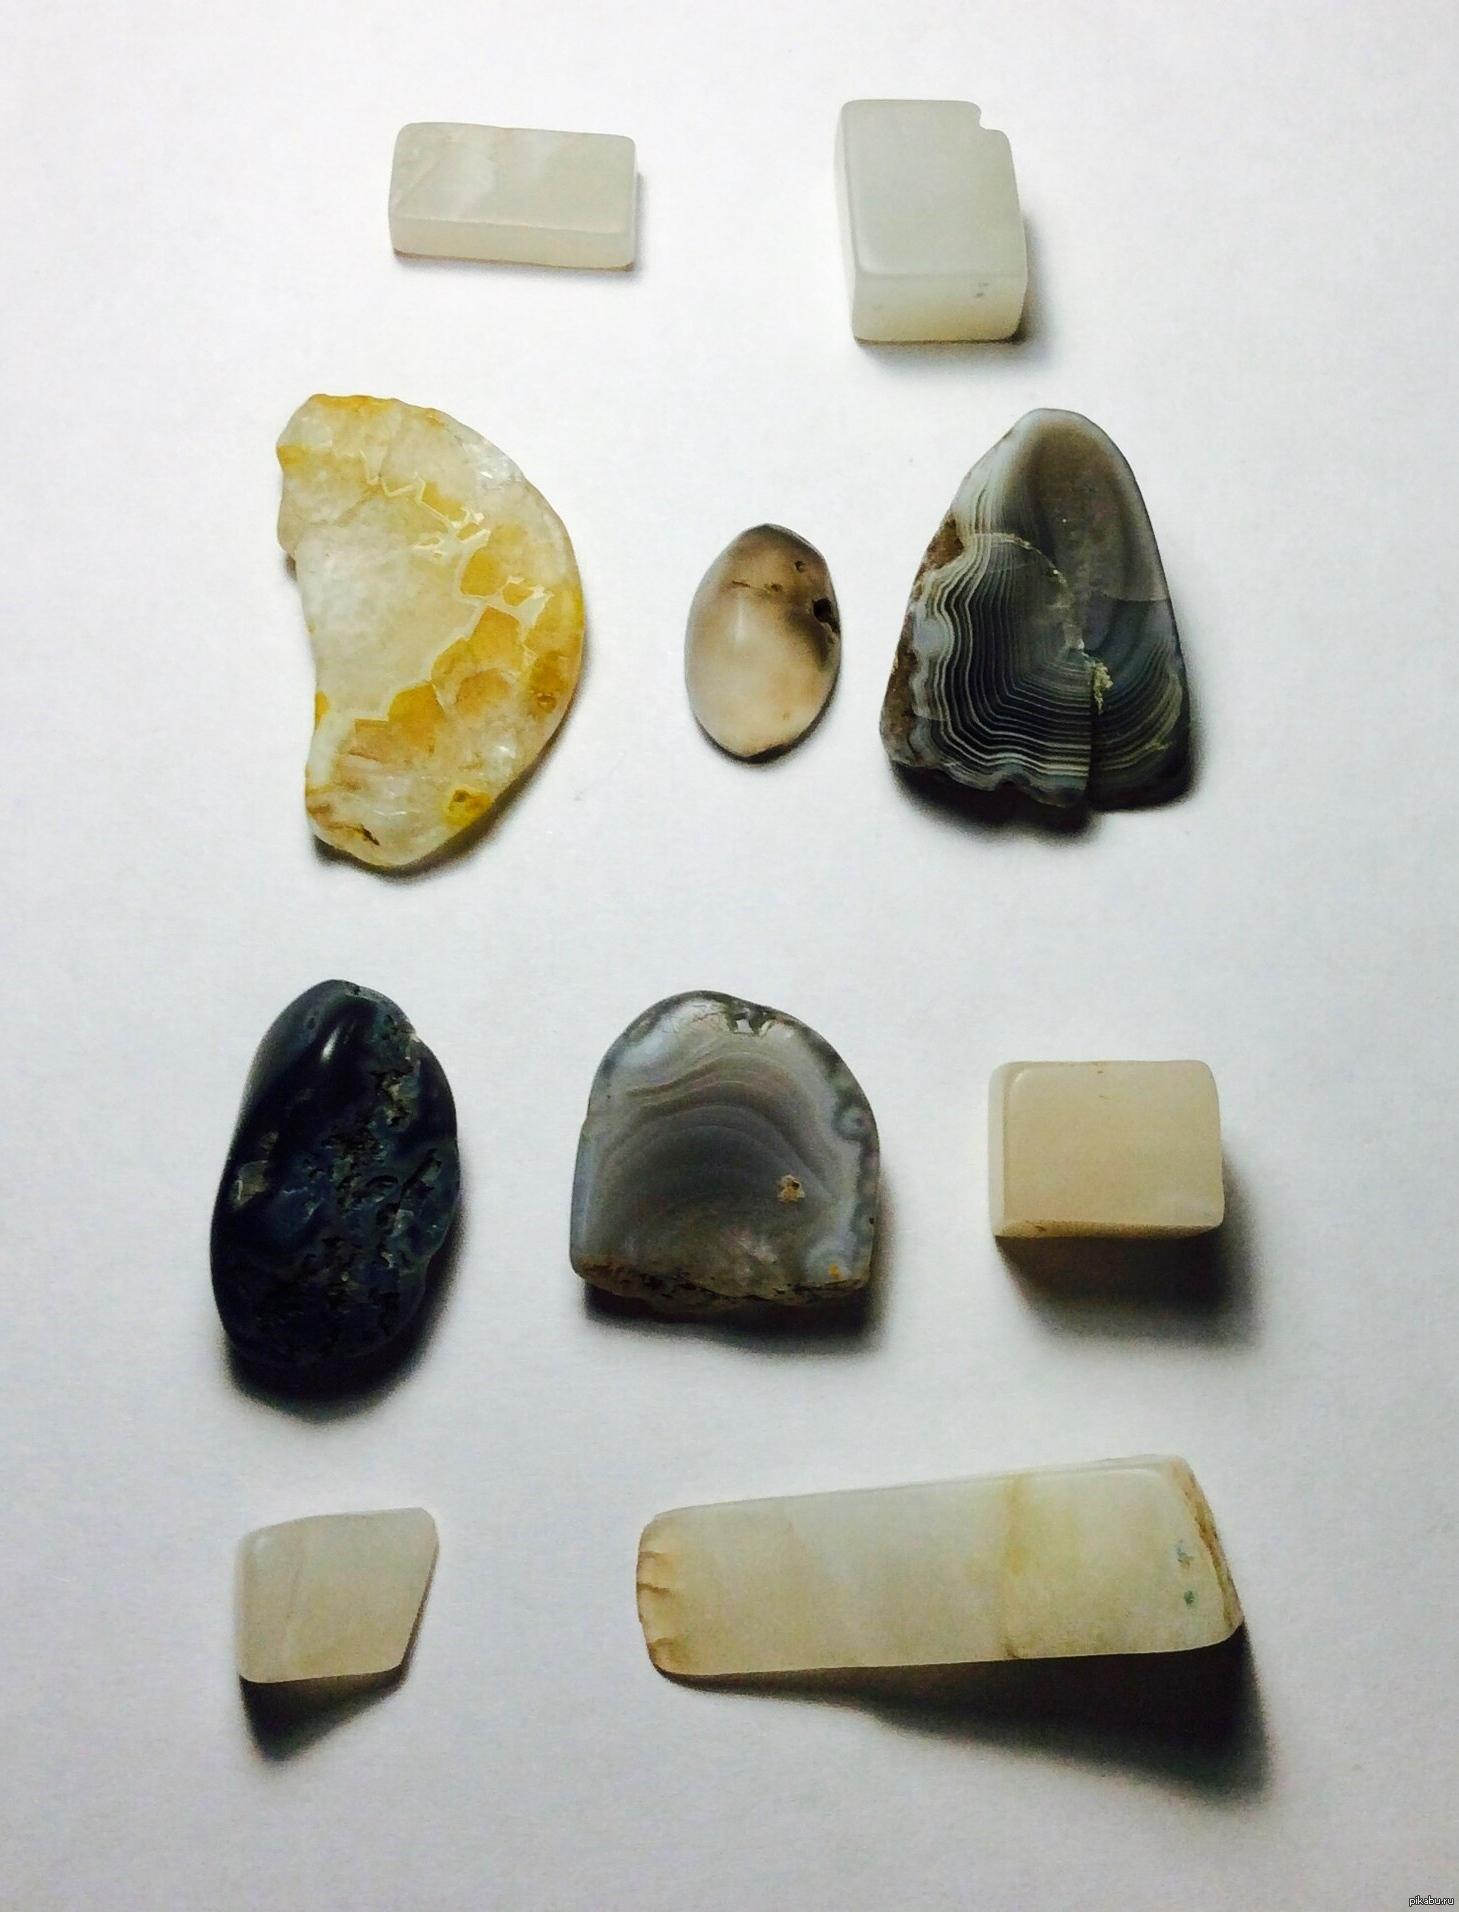 минеральные камни фото и название узнать, как купить